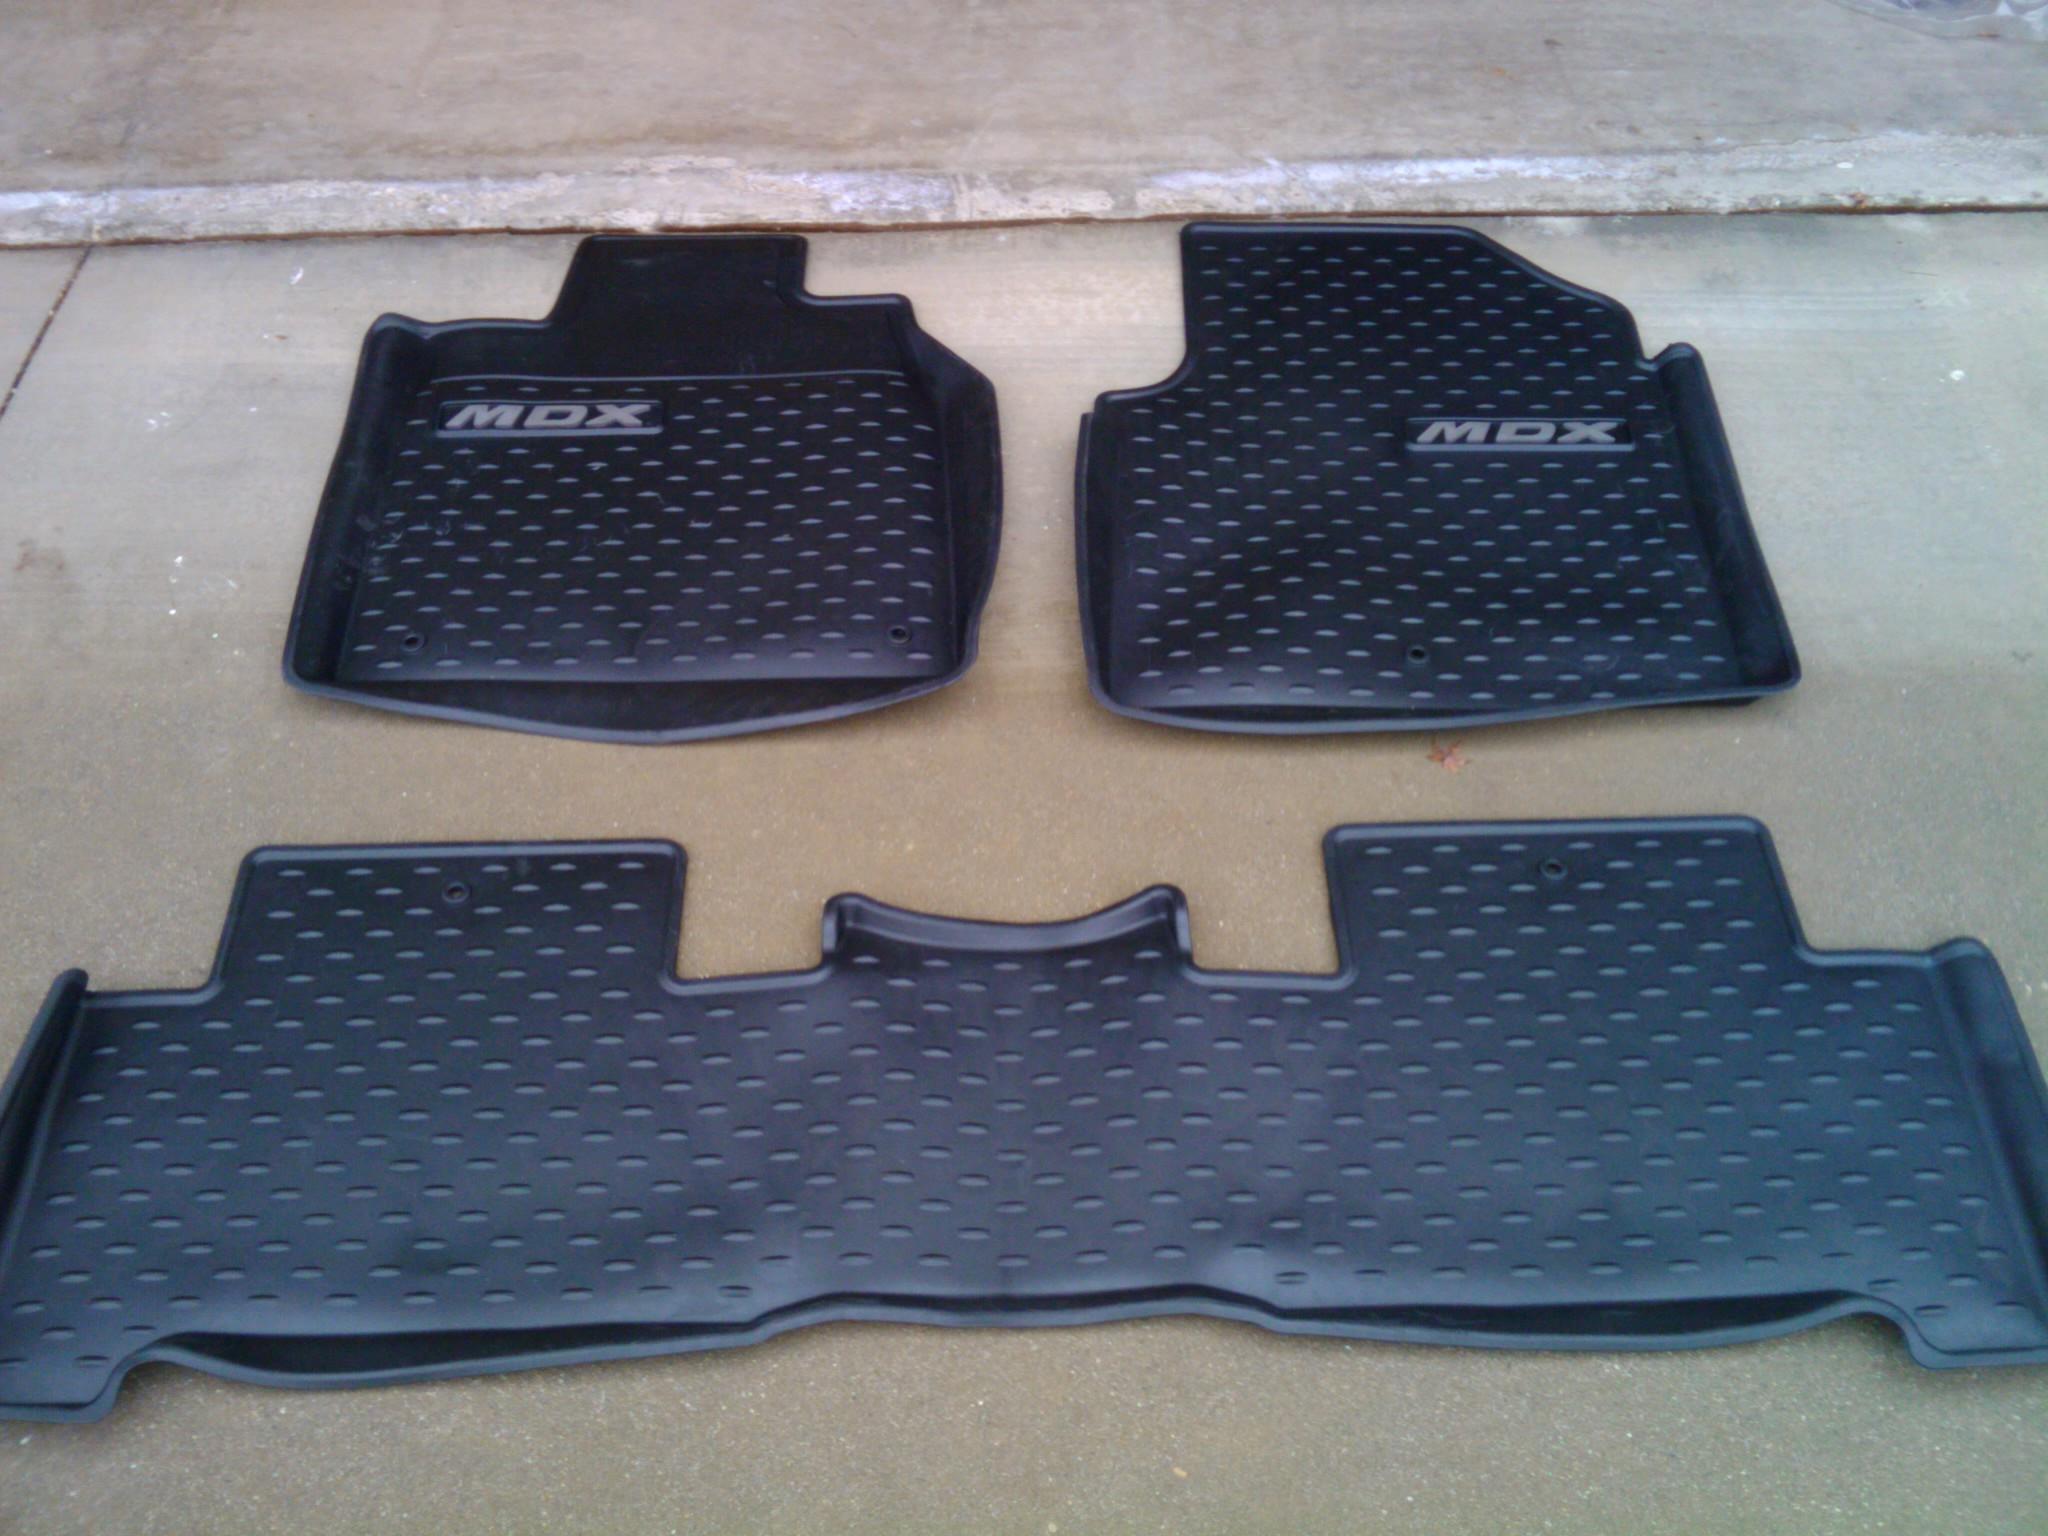 FS MDX All Season Floor Mats Cargo Mat Acura MDX Forum - Acura mdx floor mats